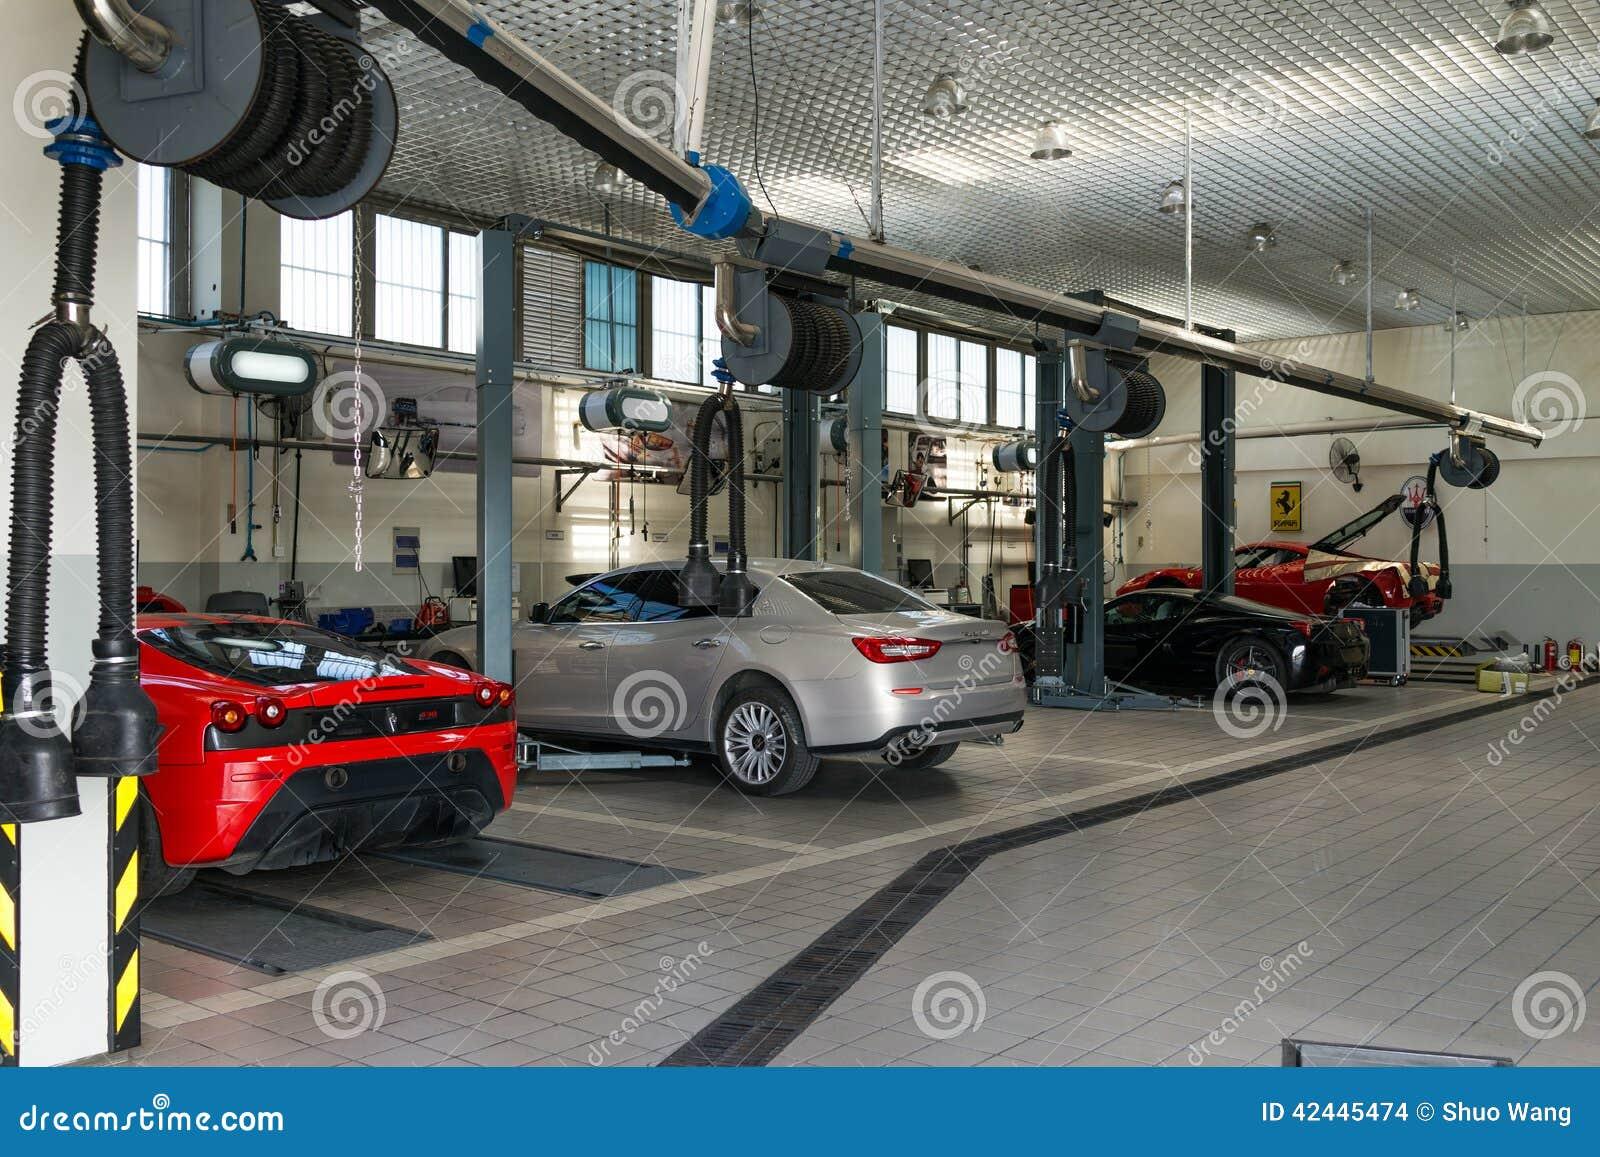 Design car repair workshop - Car Ferrari Repair Service Workshop